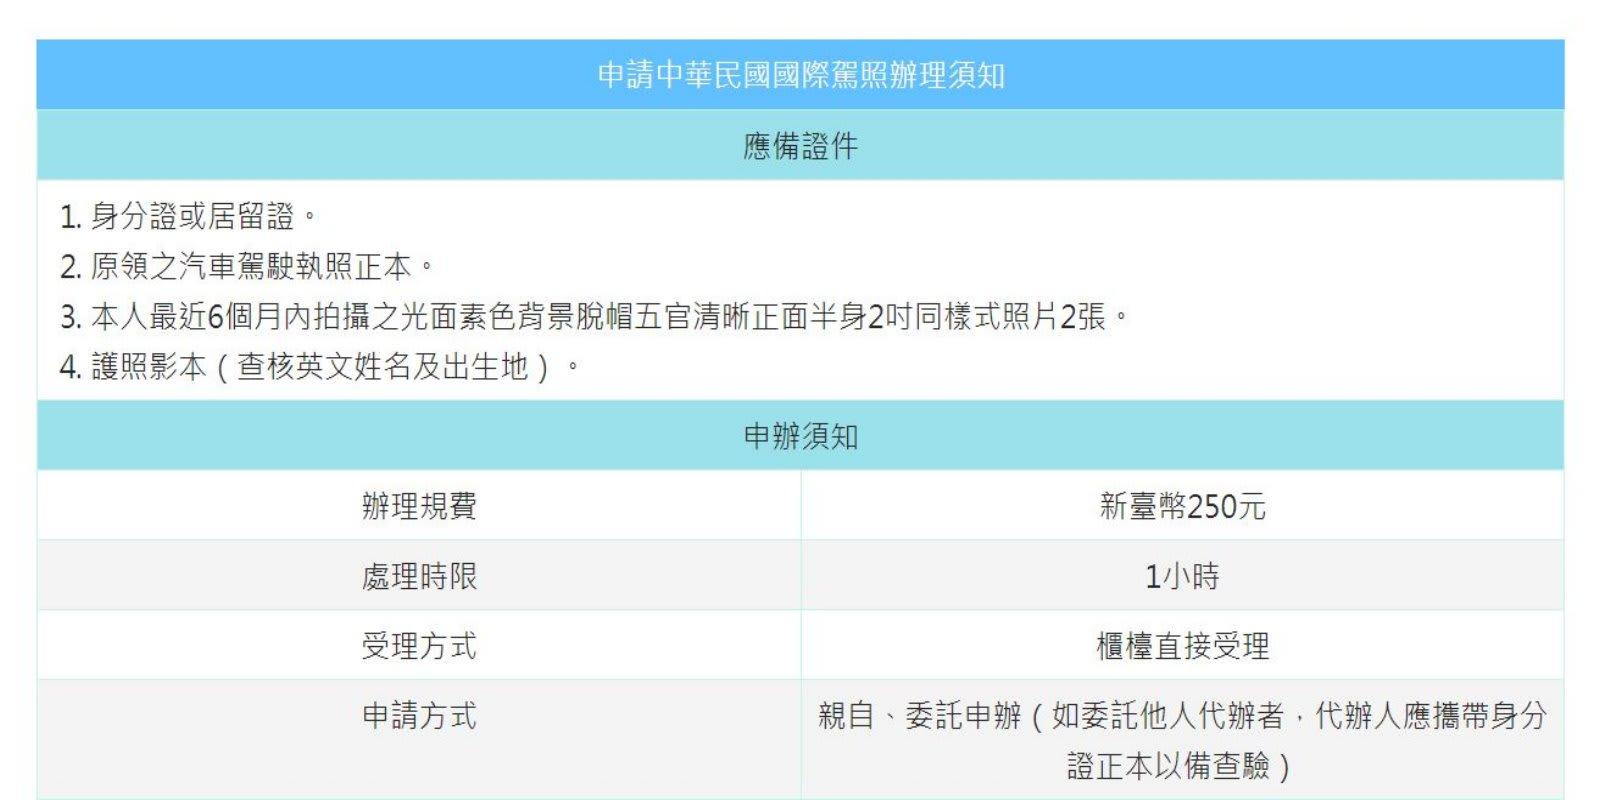 換國際駕照的條件 來源:台北市監理所https://goo.gl/BxT9da